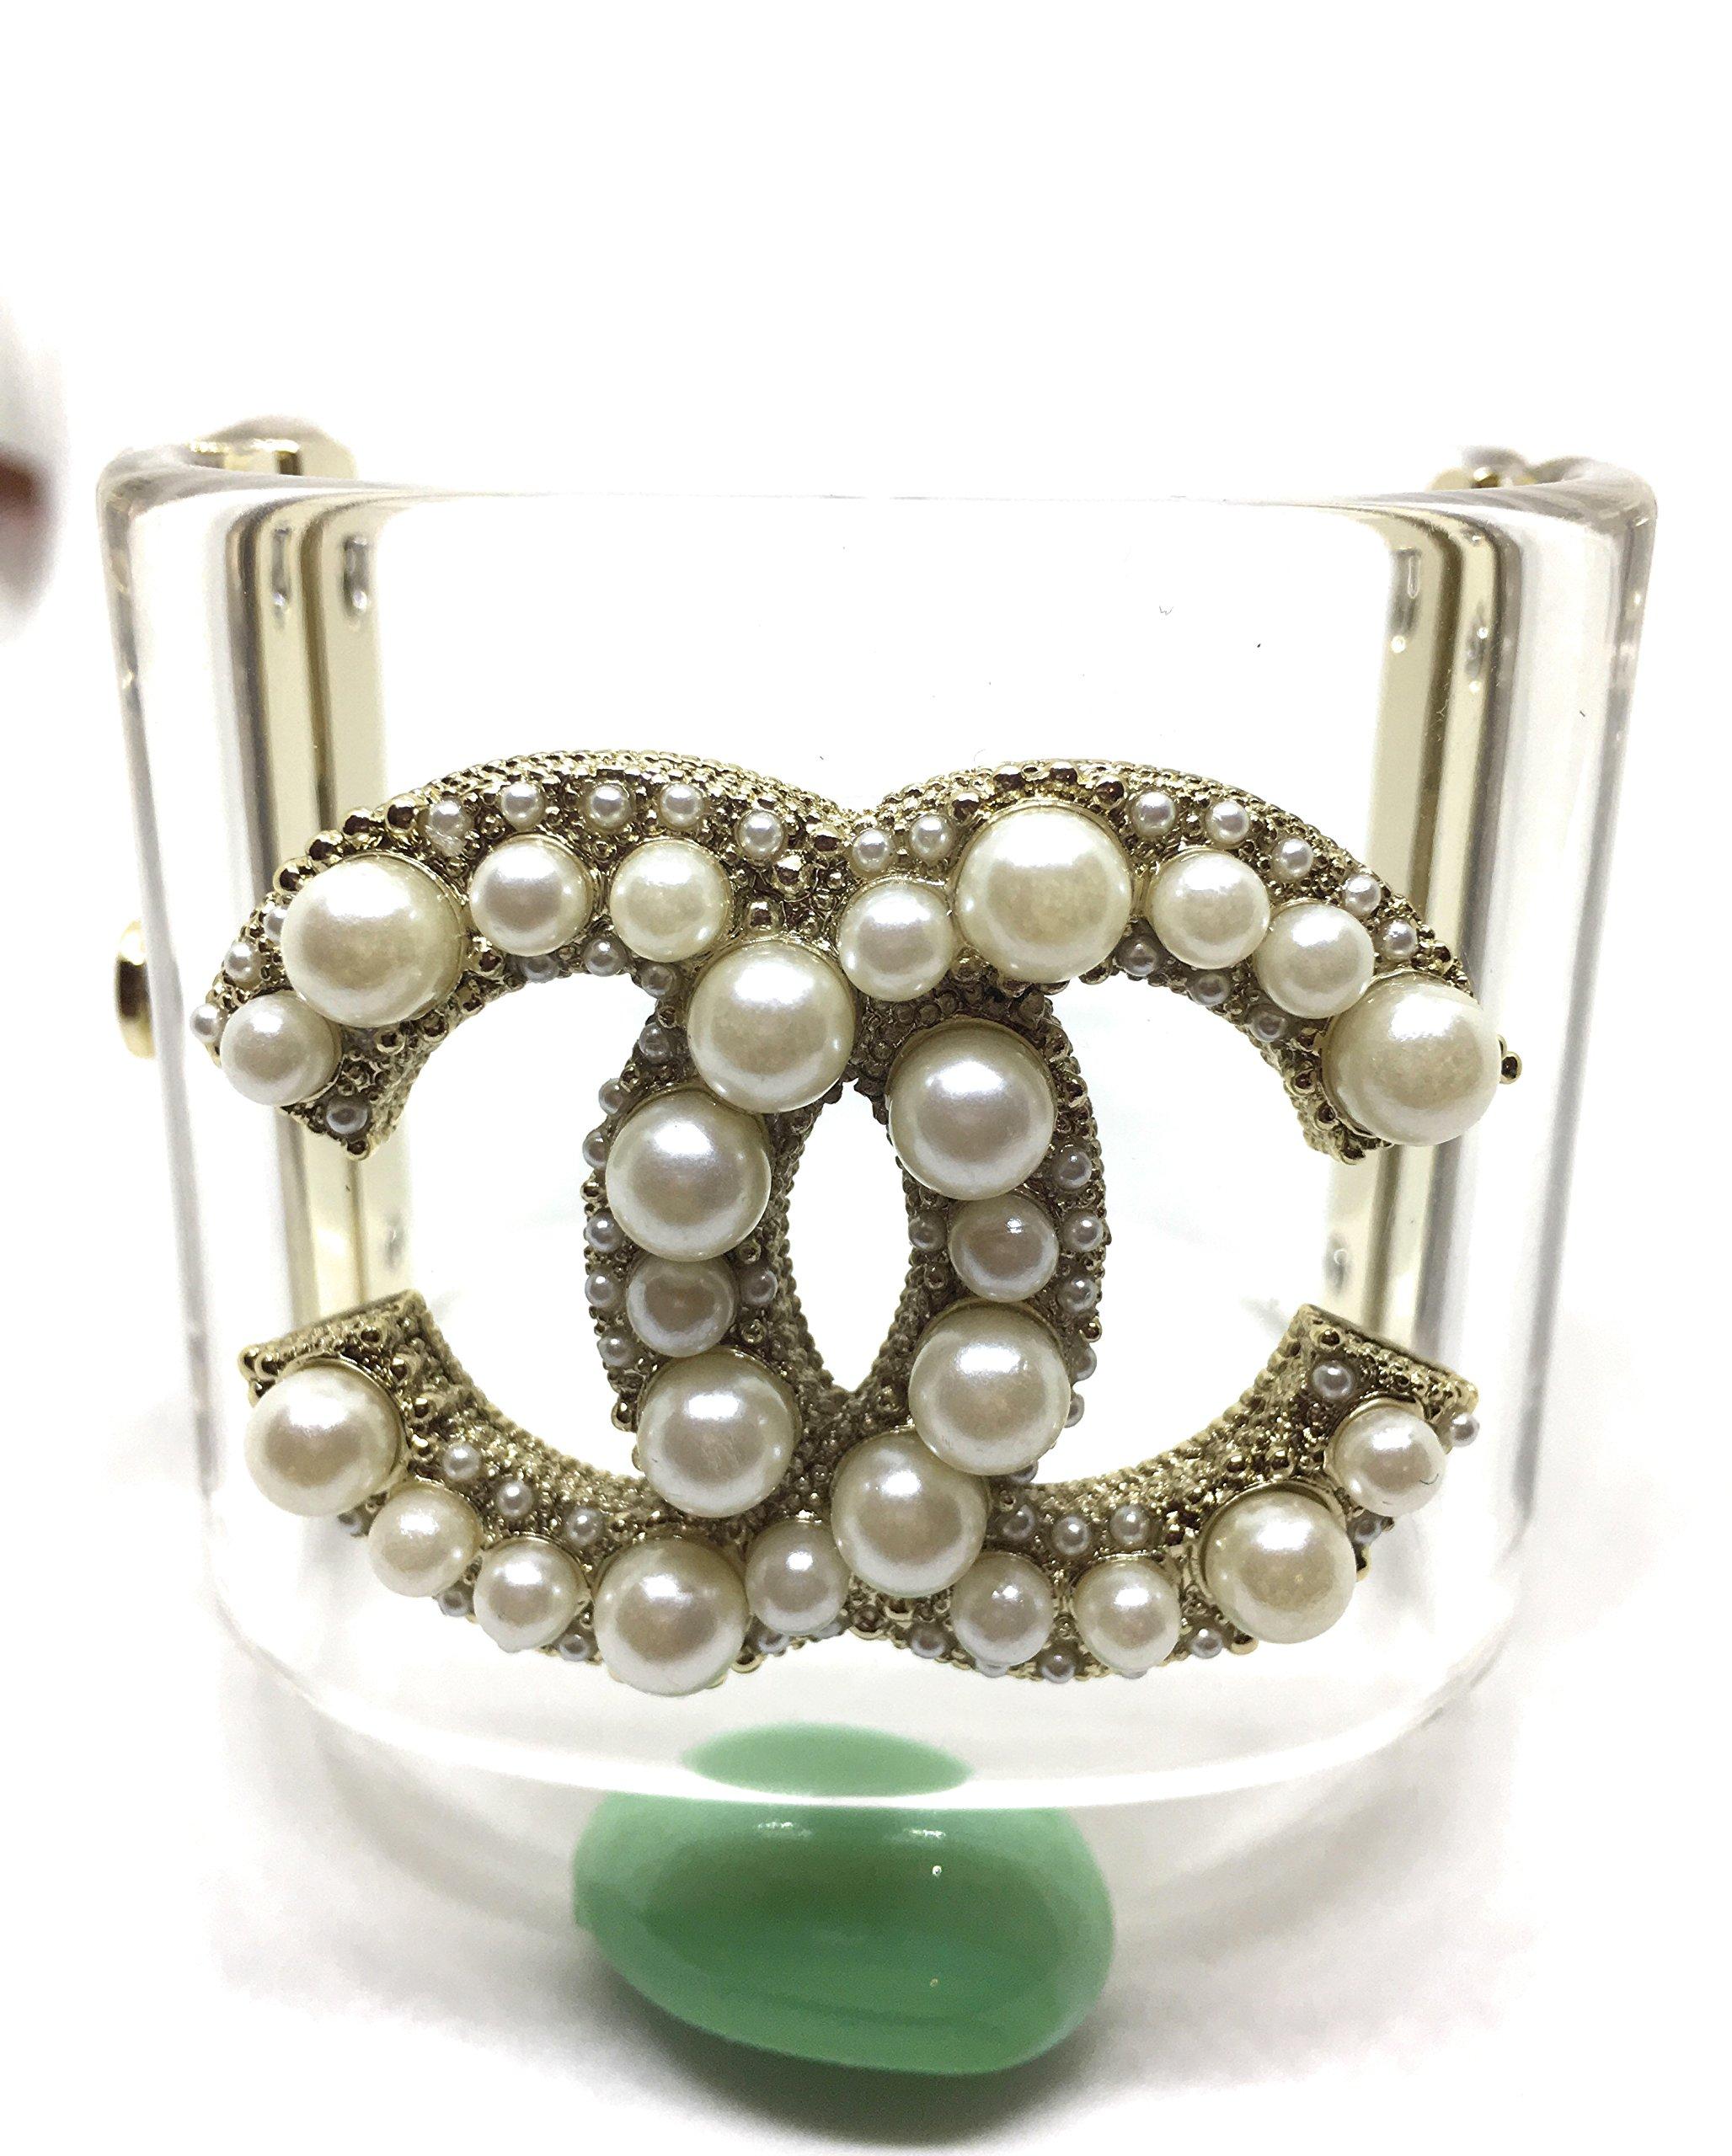 K C Luxury Woman Clear Luxury Cuff Bracelet Gold Bracetets With Pearls